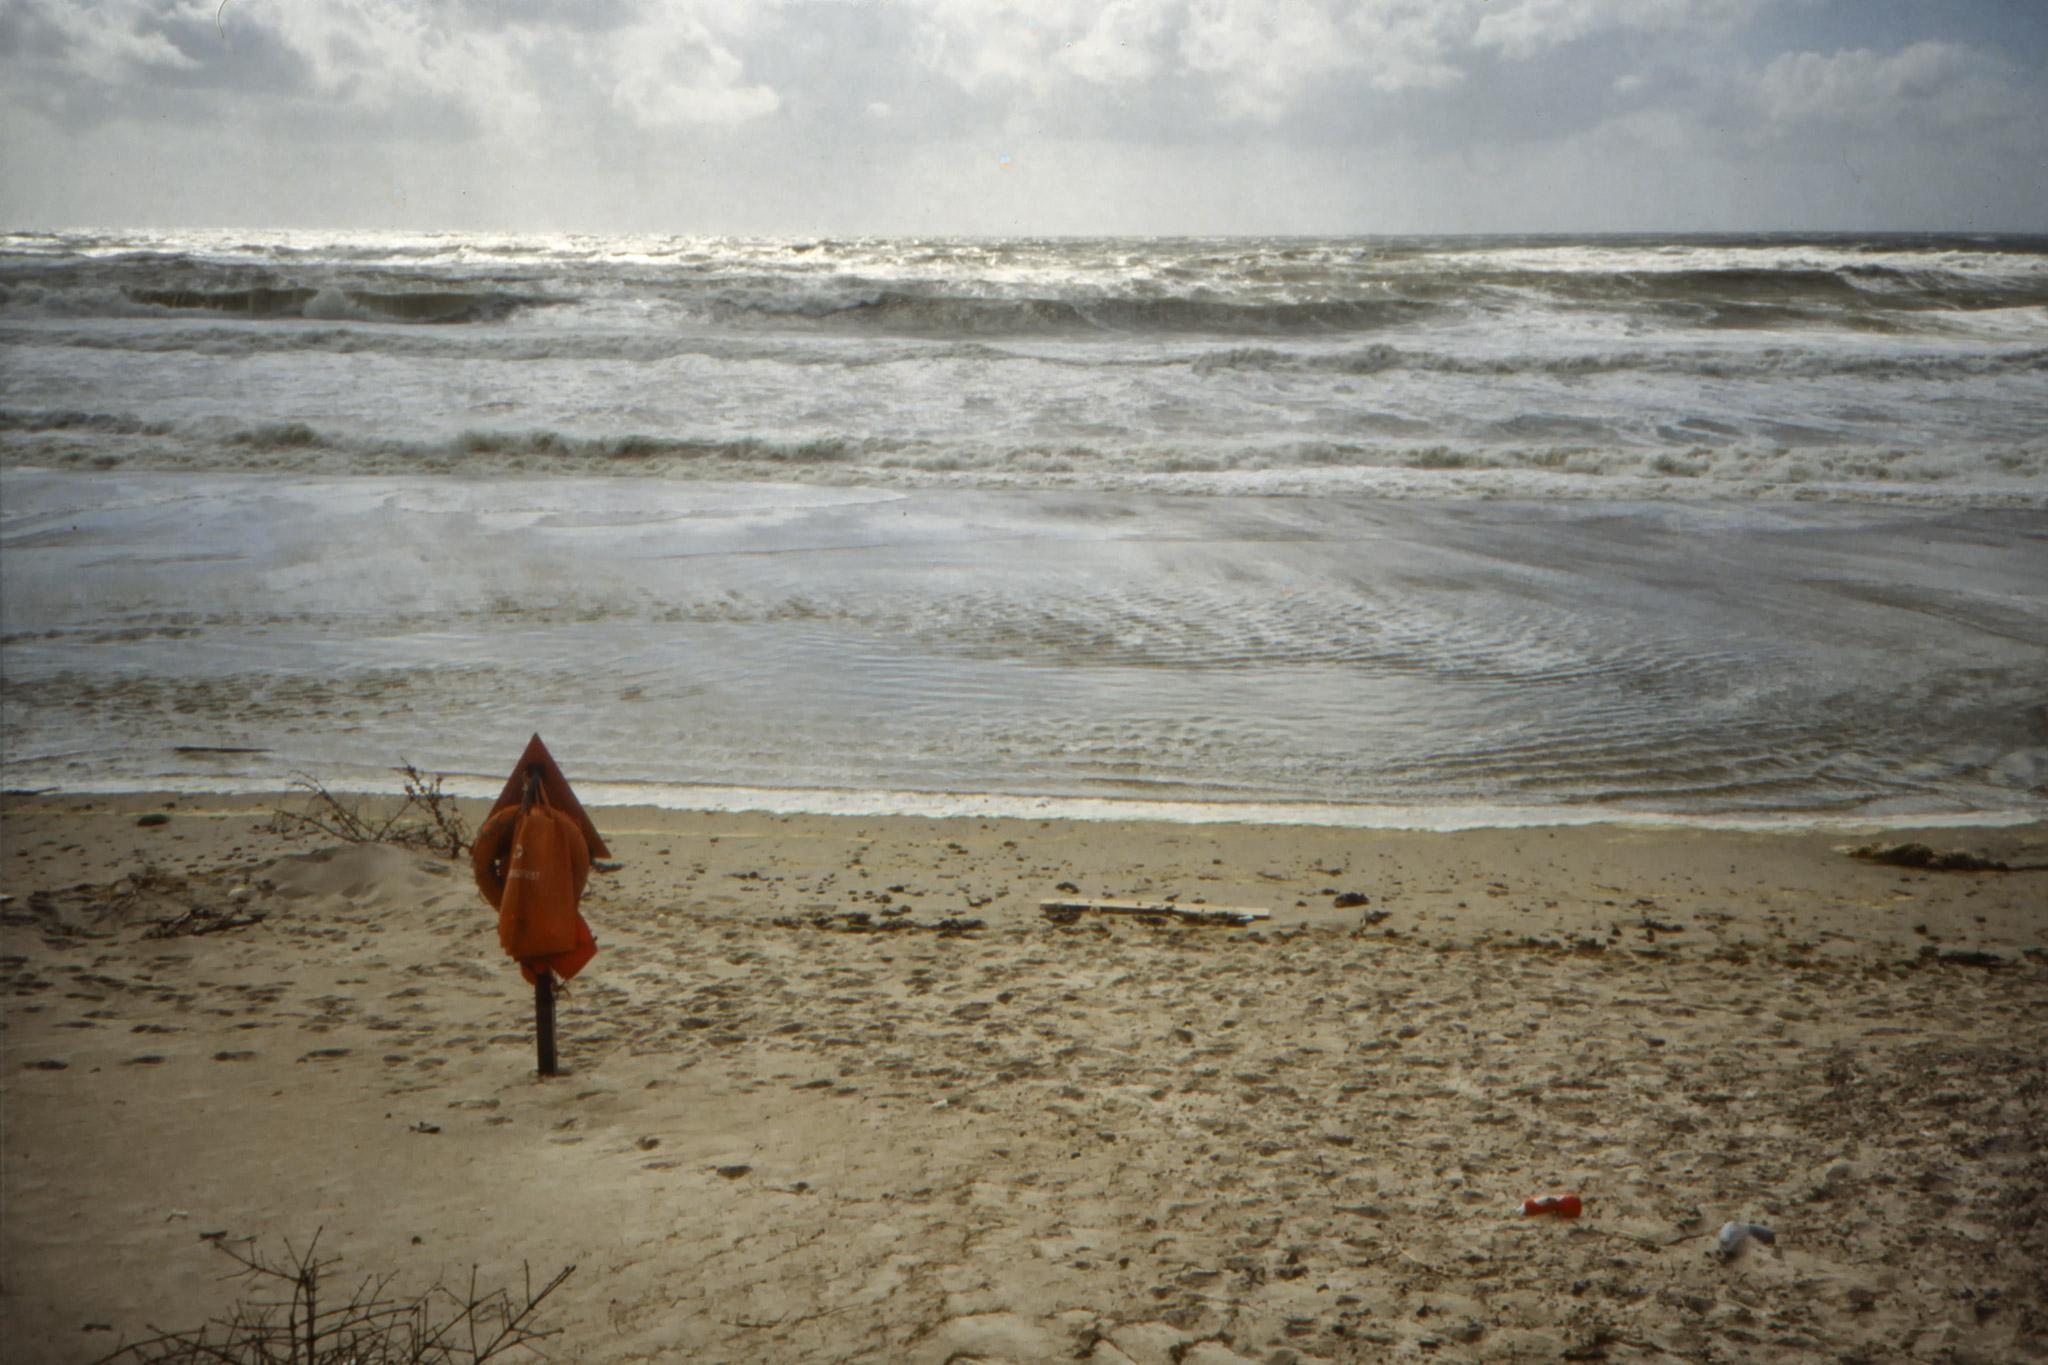 Nordsjön svallar. Stormvarning är utfärdad.